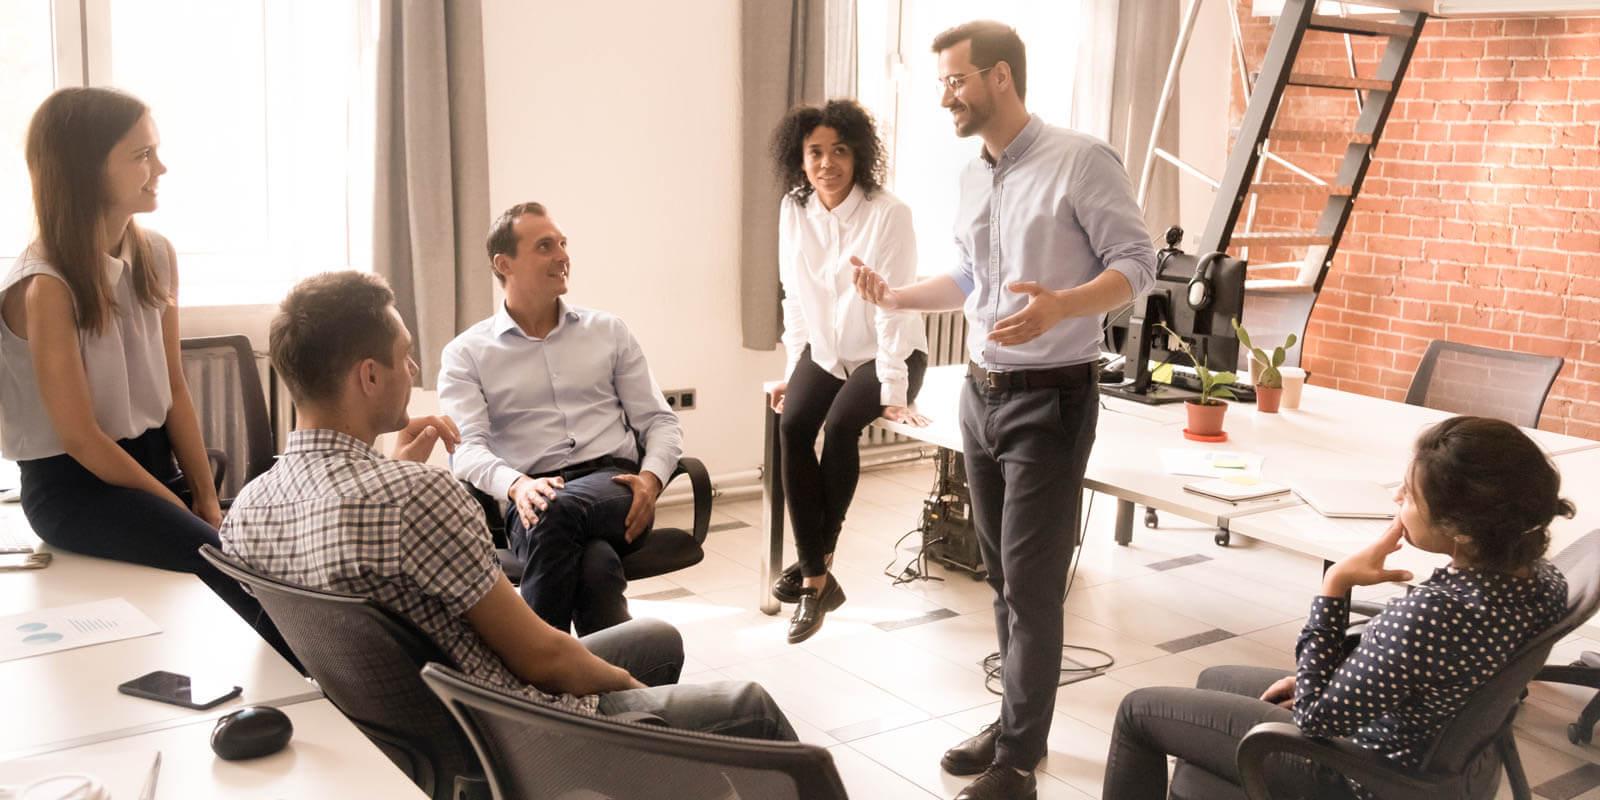 Eine Gruppe von Mitarbeitern brainstormed in einer Runde